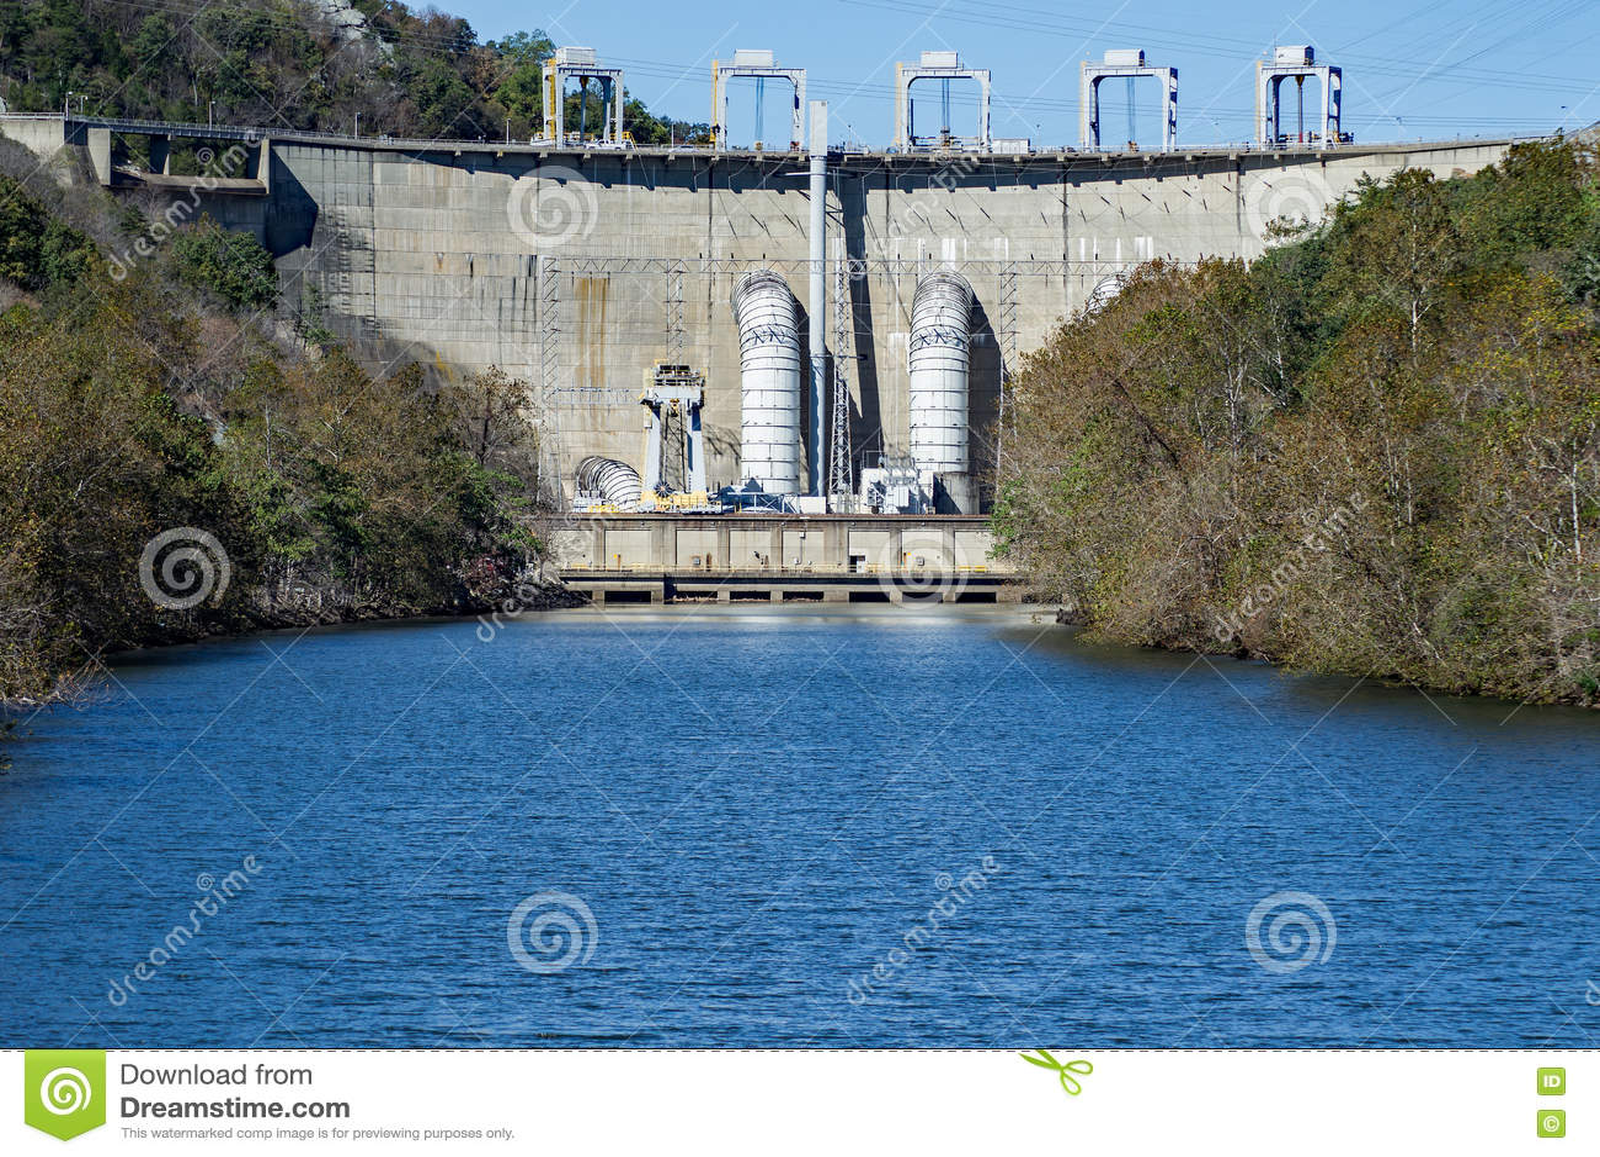 史密斯山水坝, Penhook, VA,美国